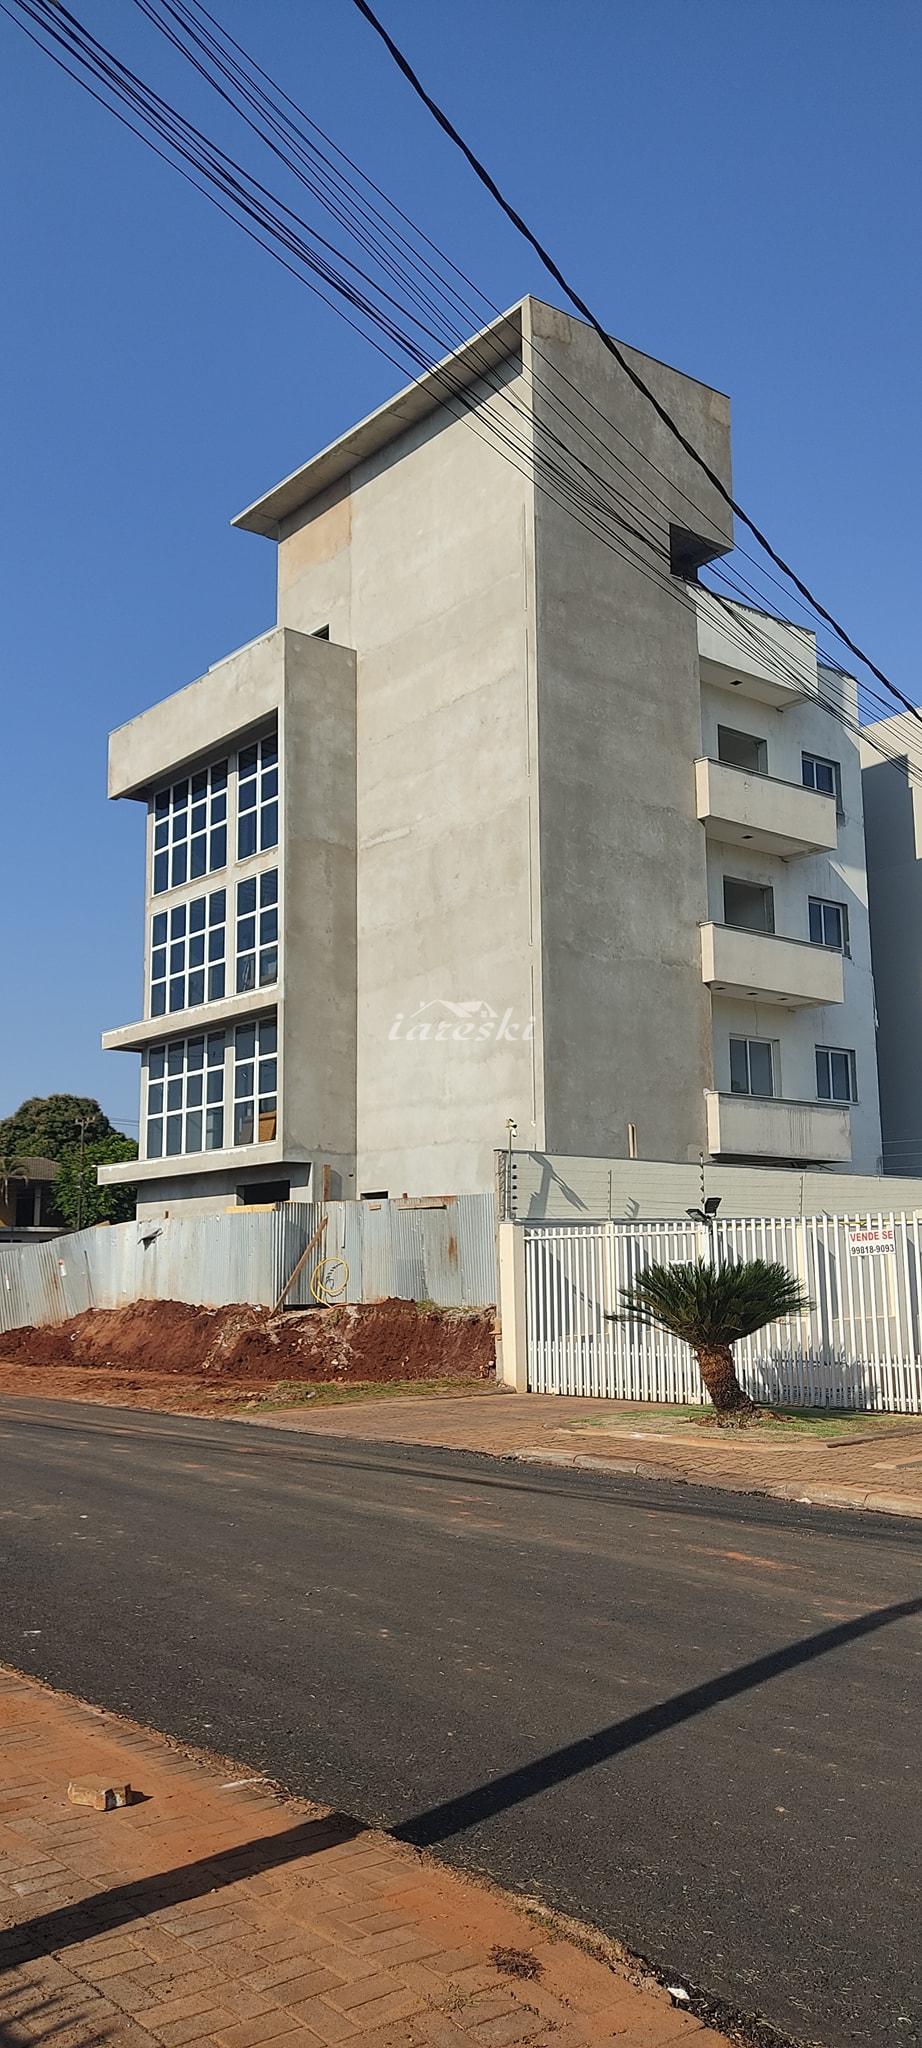 Apartamento com 2 dormitórios à venda, Tesla Residence em Foz do Iguaçu/PR